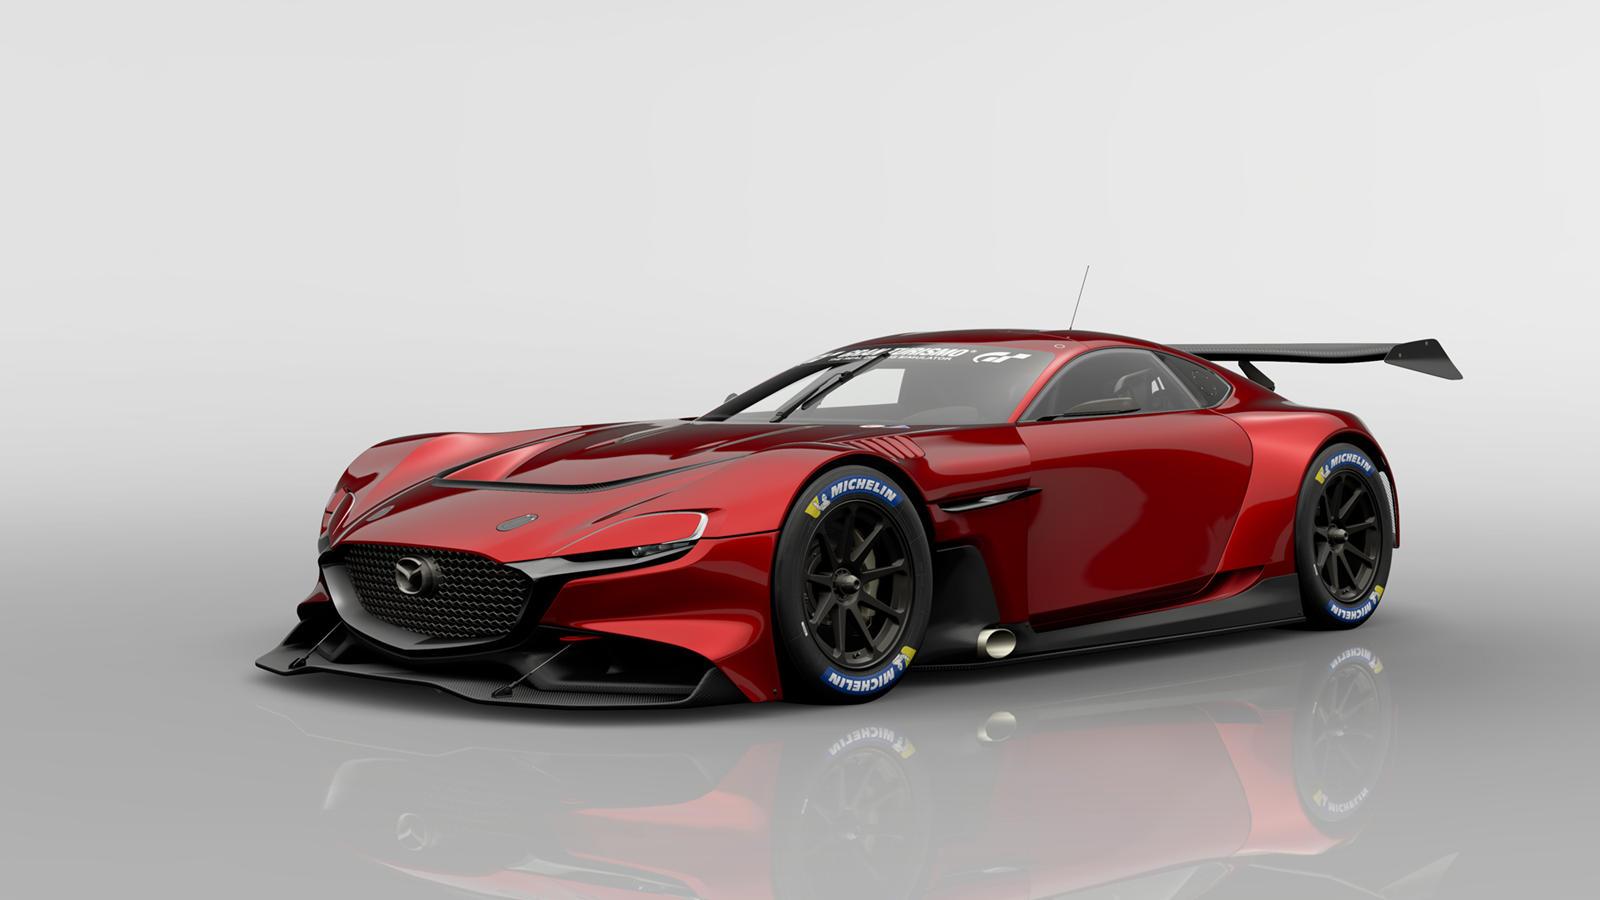 При весе всего 1230 кг, RX-Vision GT3 должен быть просто молниеносным! К сожалению, вся эта информация о движке предназначена только для игры. 2020 Mazda MX-30 является единственной реальной Mazda, которая использует роторный двигатель, но использует